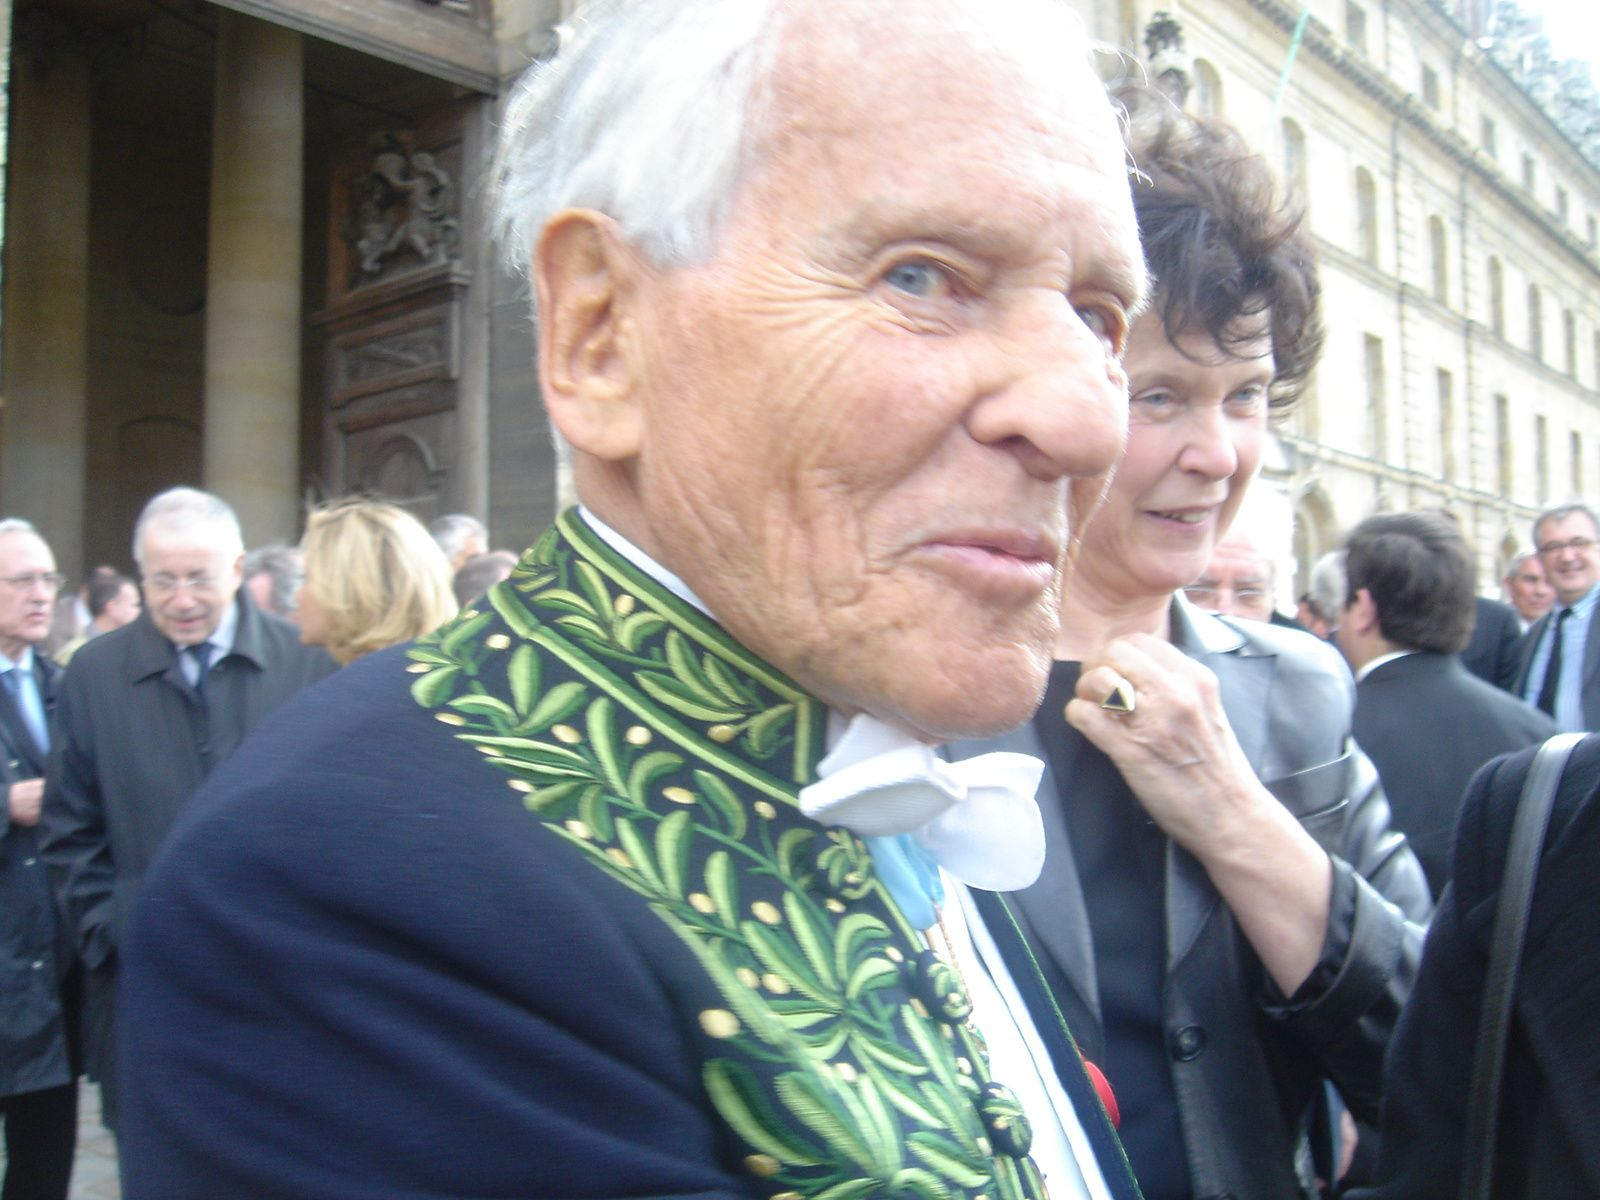 Jean d'Ormesson et son regard espiègle (ma photo prise lors de l'hommage national à Maurice Druon en avril 2009).